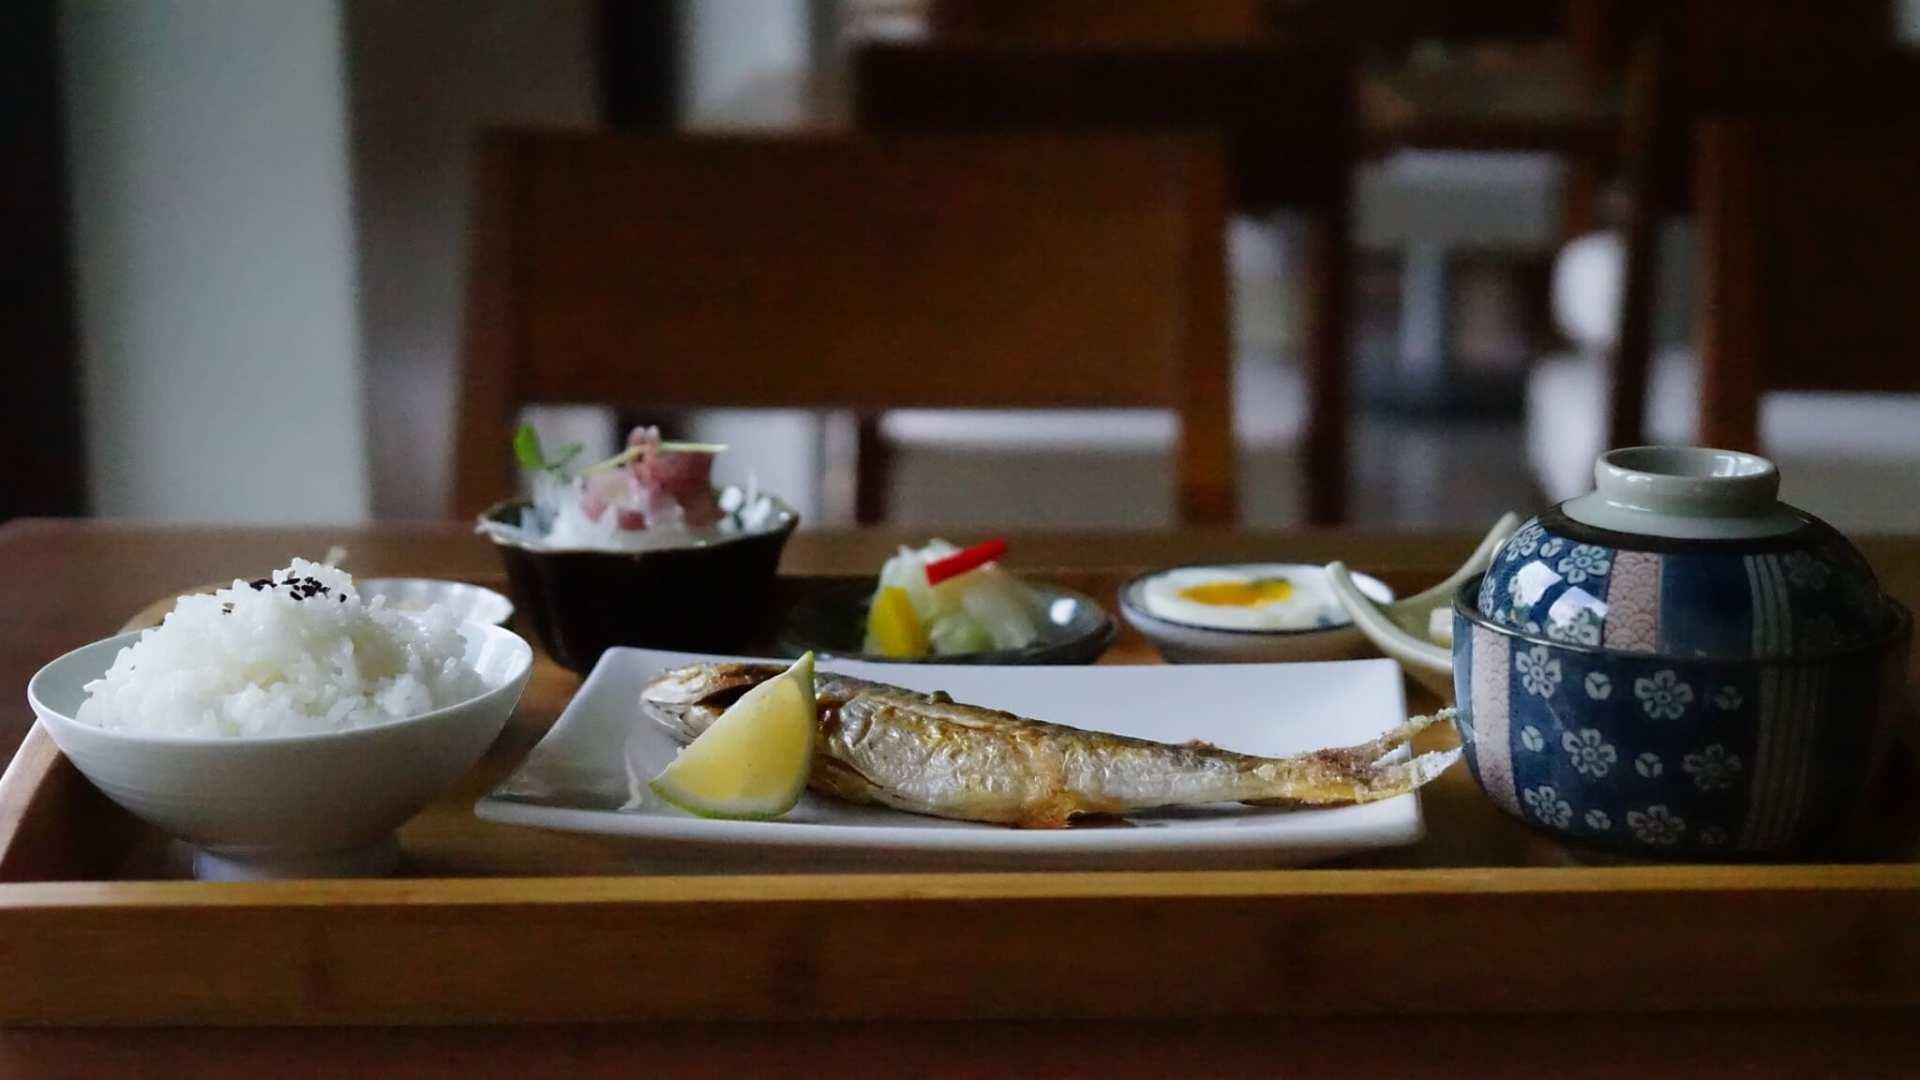 【黃金山城金瓜石】緩慢民宿季節慢活午餐